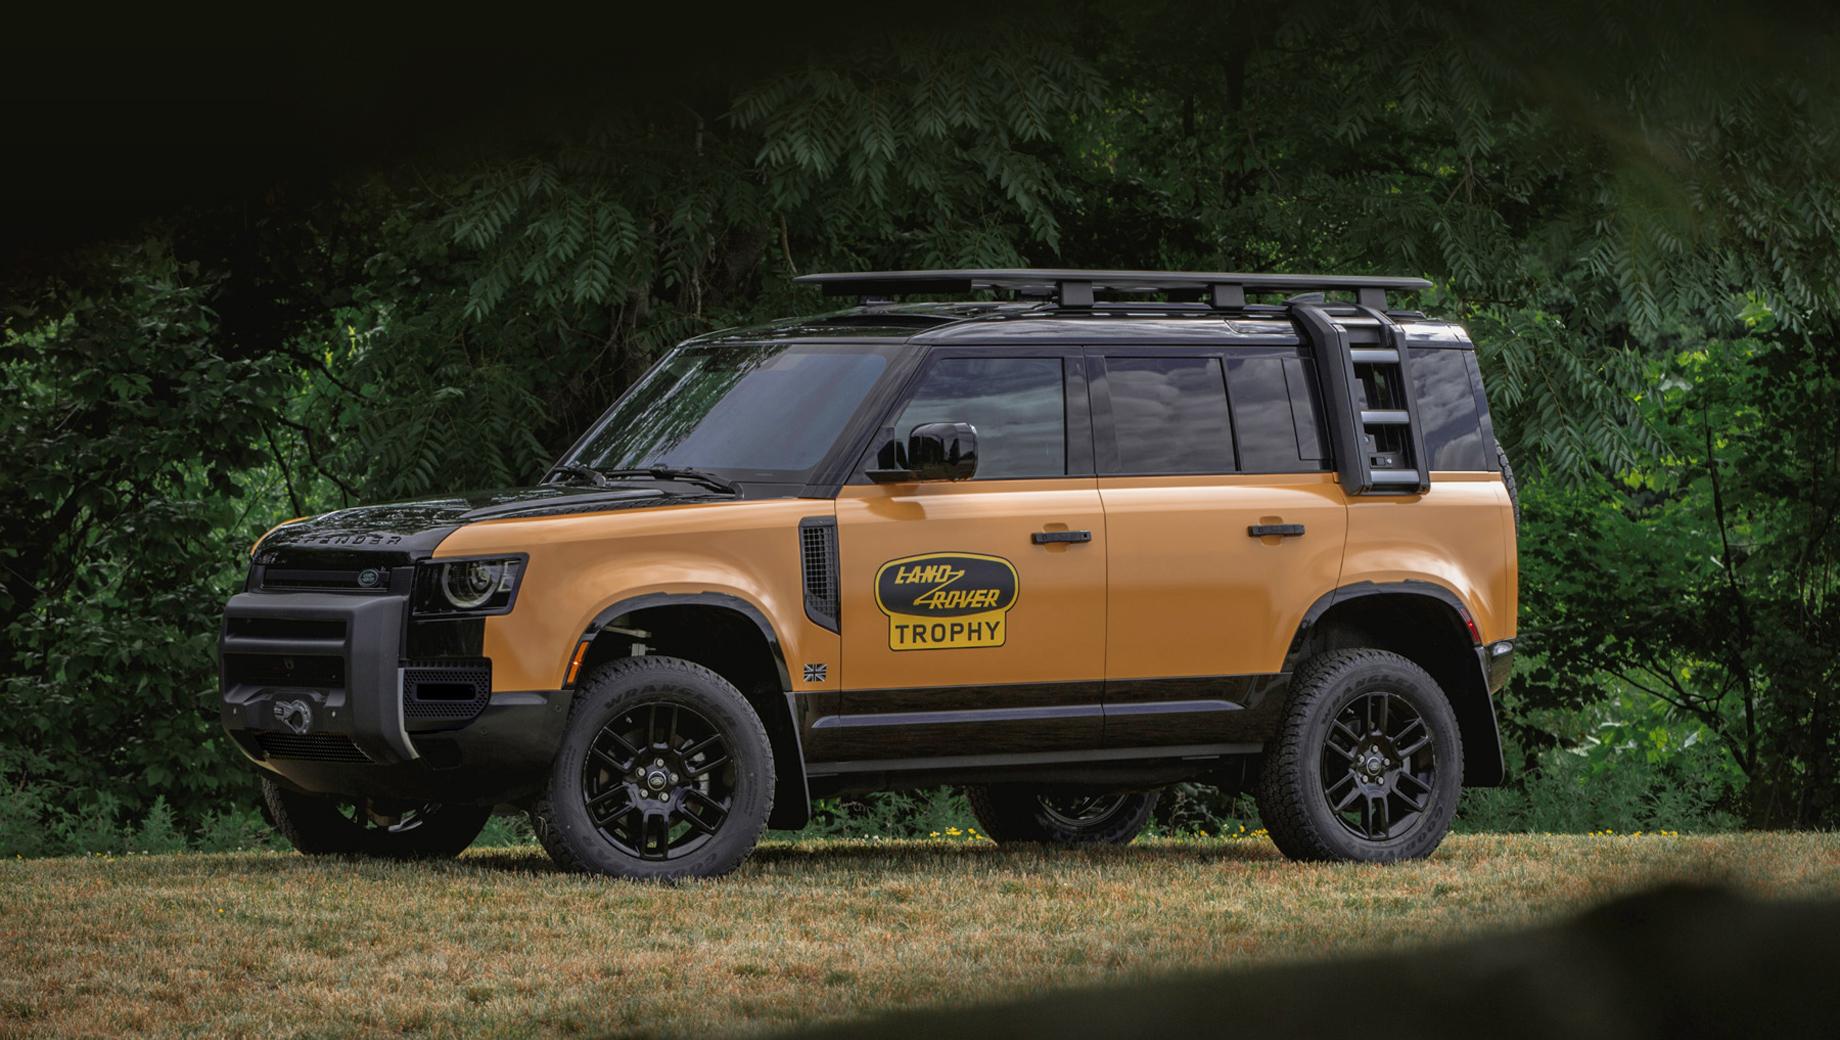 Land Rover Defender Trophy пригласит на соревнования